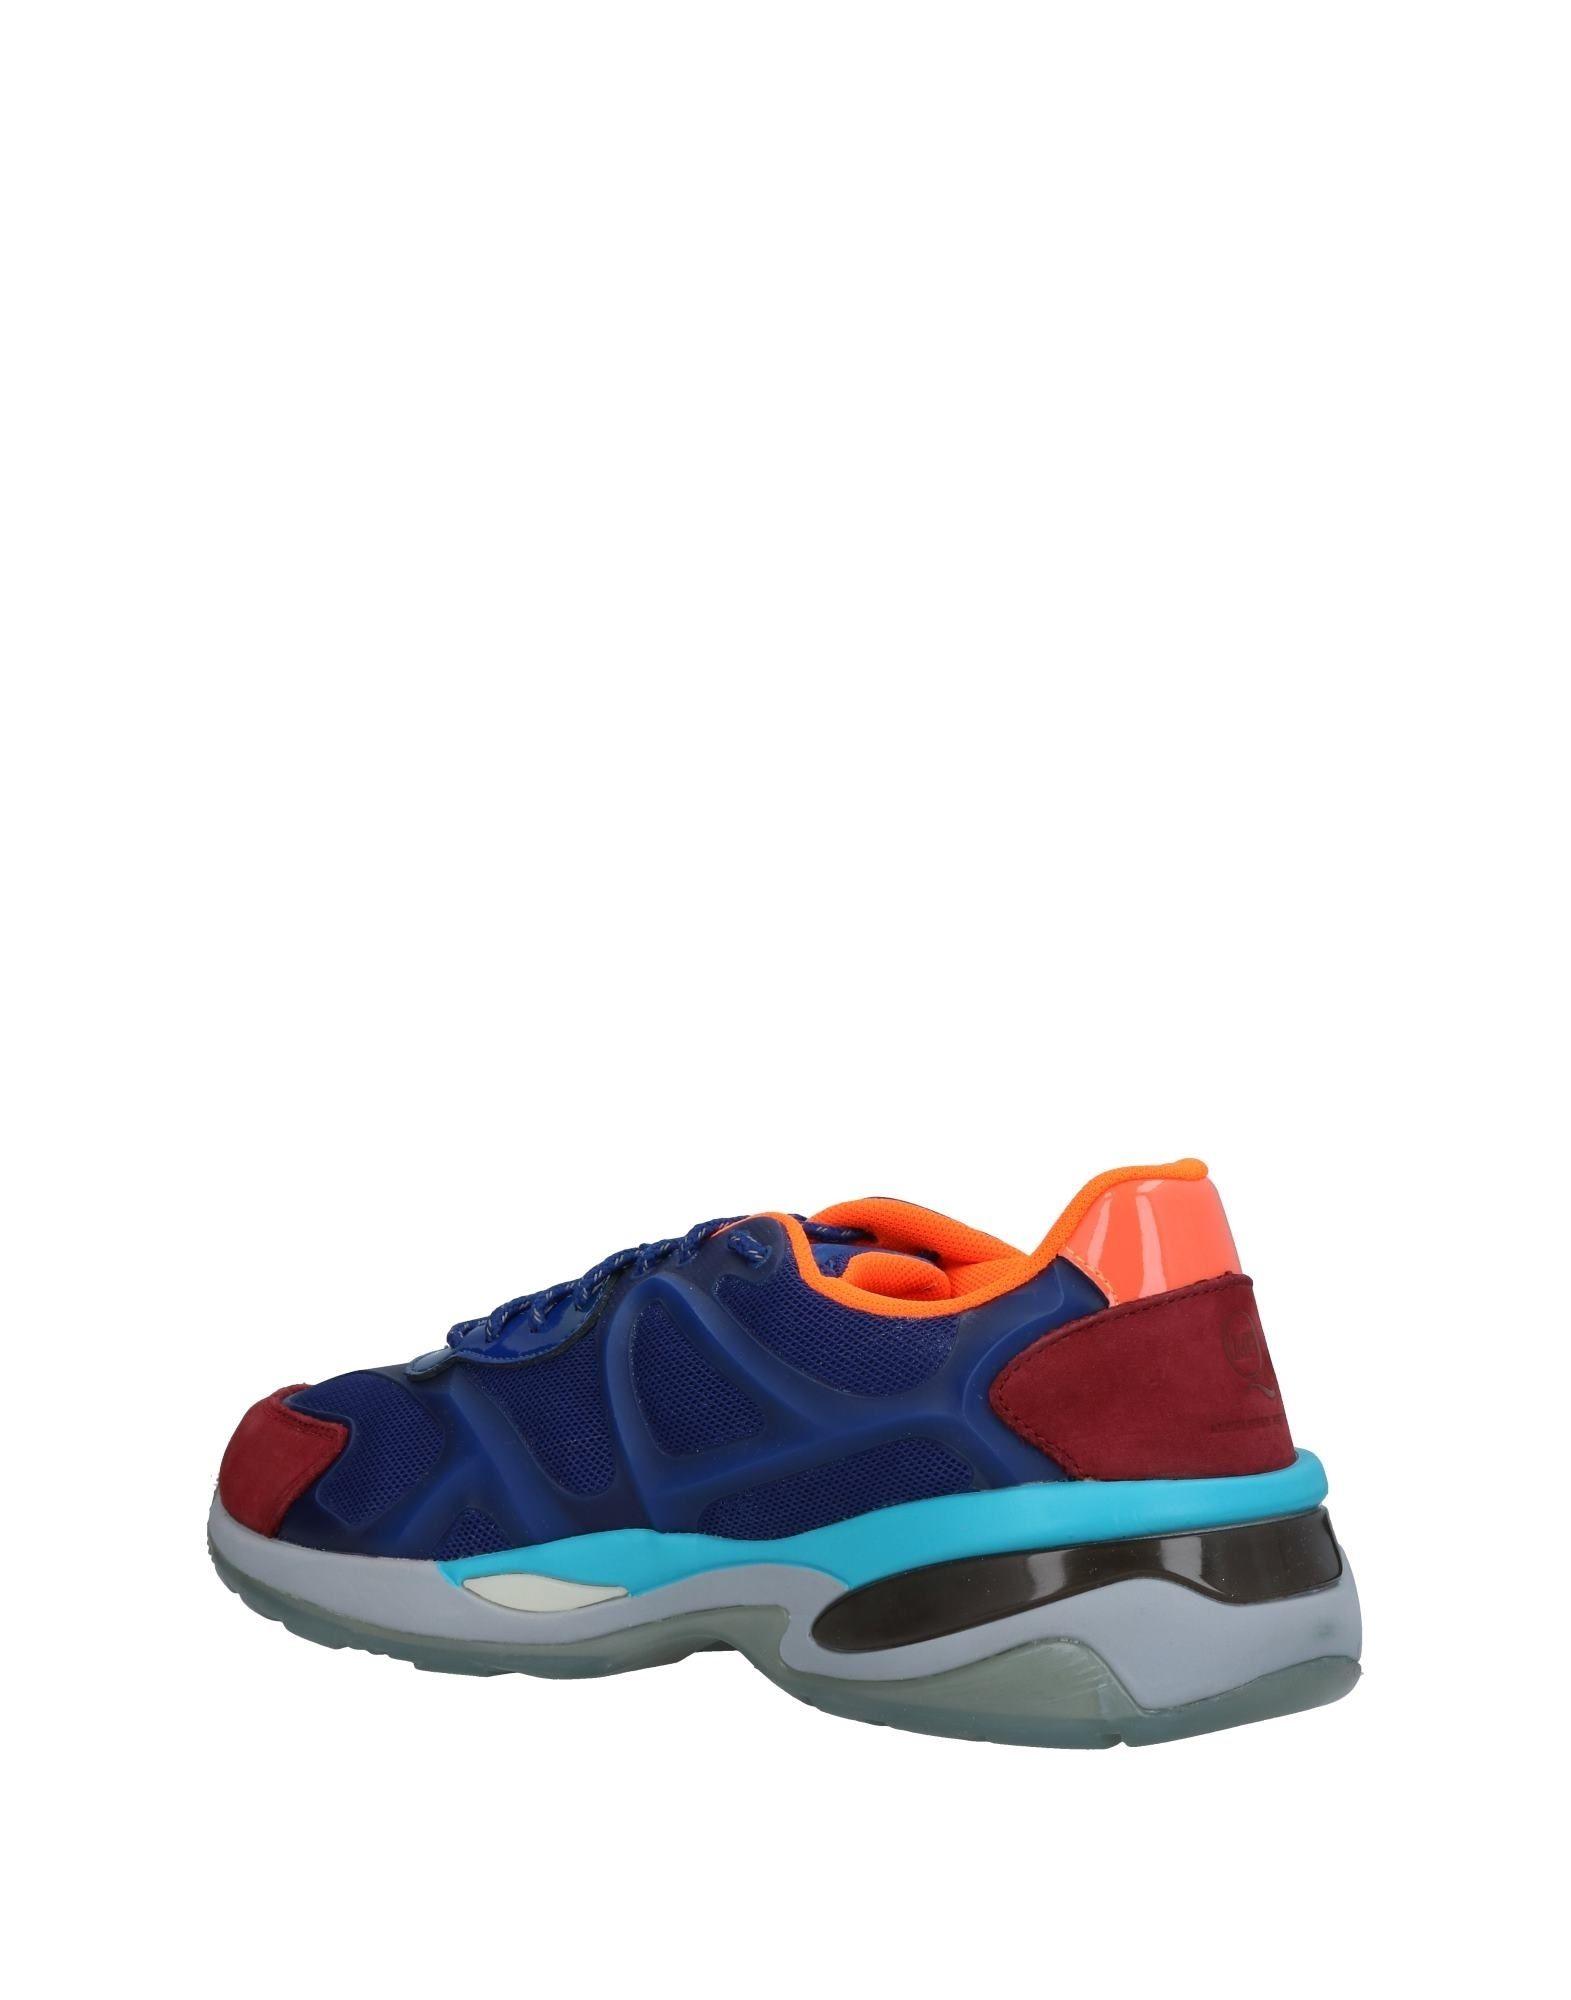 Gut um billige Damen Schuhe zu tragenMcq Puma Sneakers Damen billige  11416901VP 10f1da